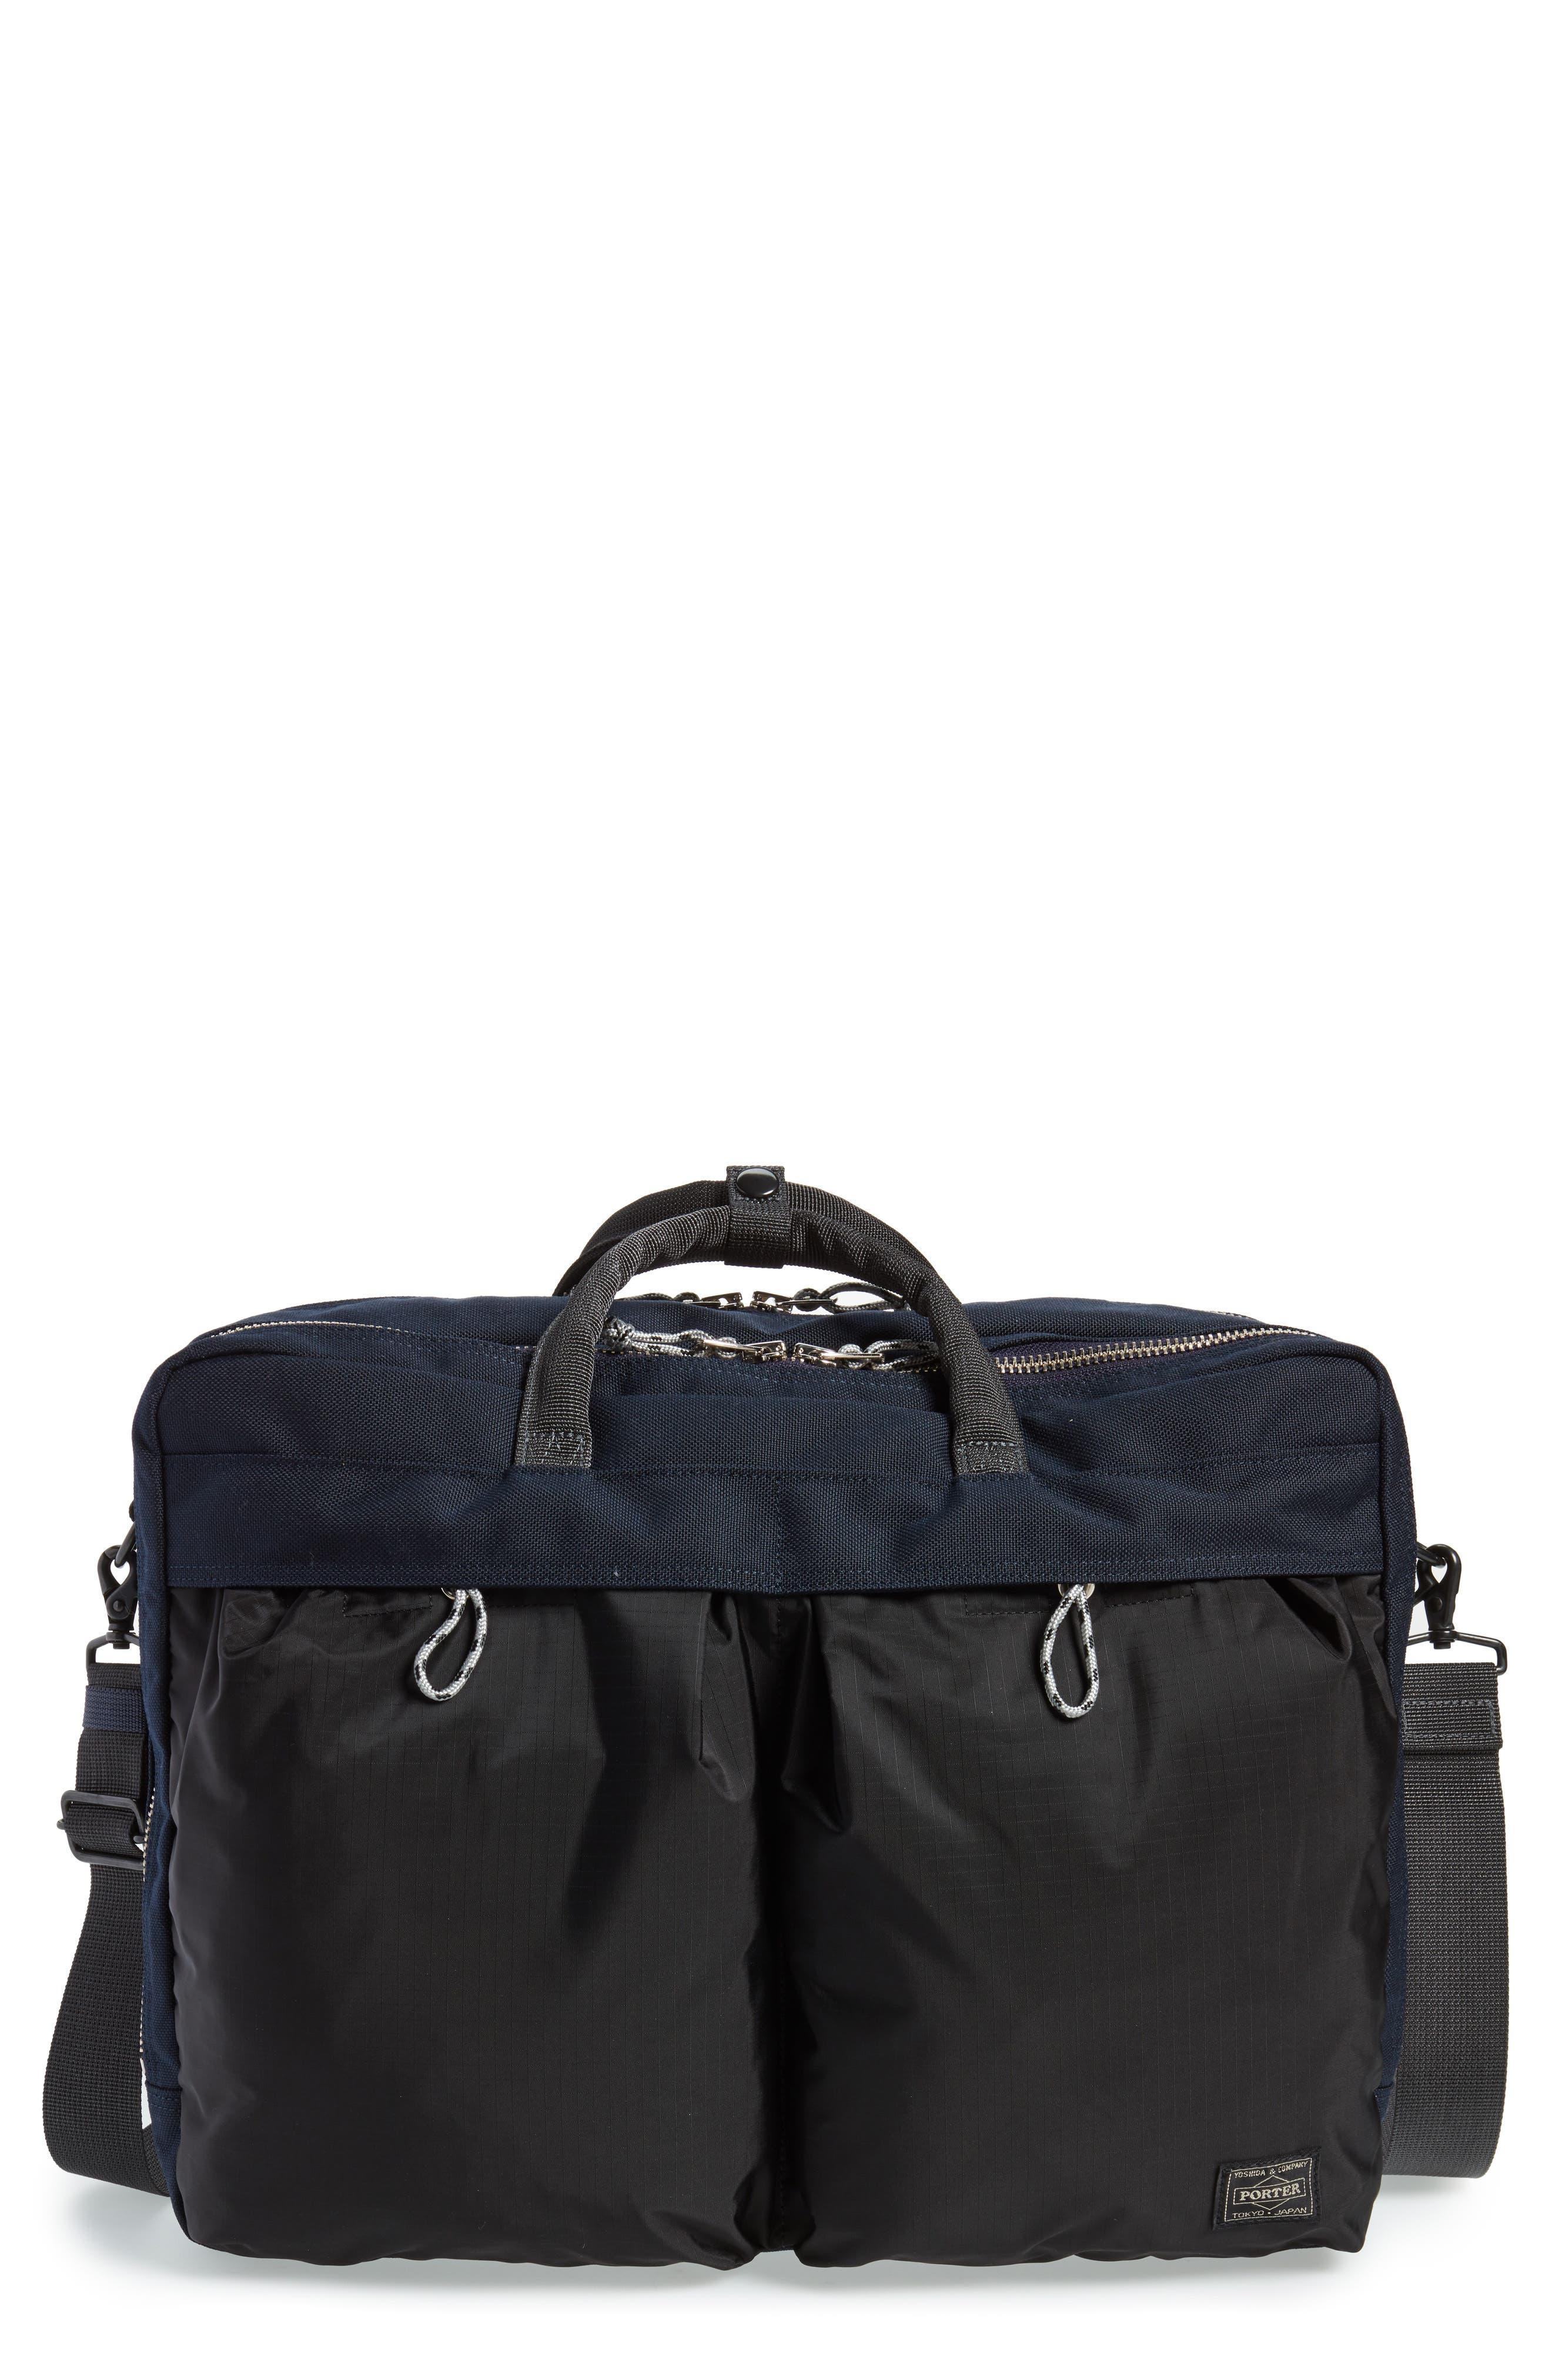 PORTER, YOSHIDA & CO Porter-Yoshida & Co. Hype Convertible Briefcase, Main, color, 400